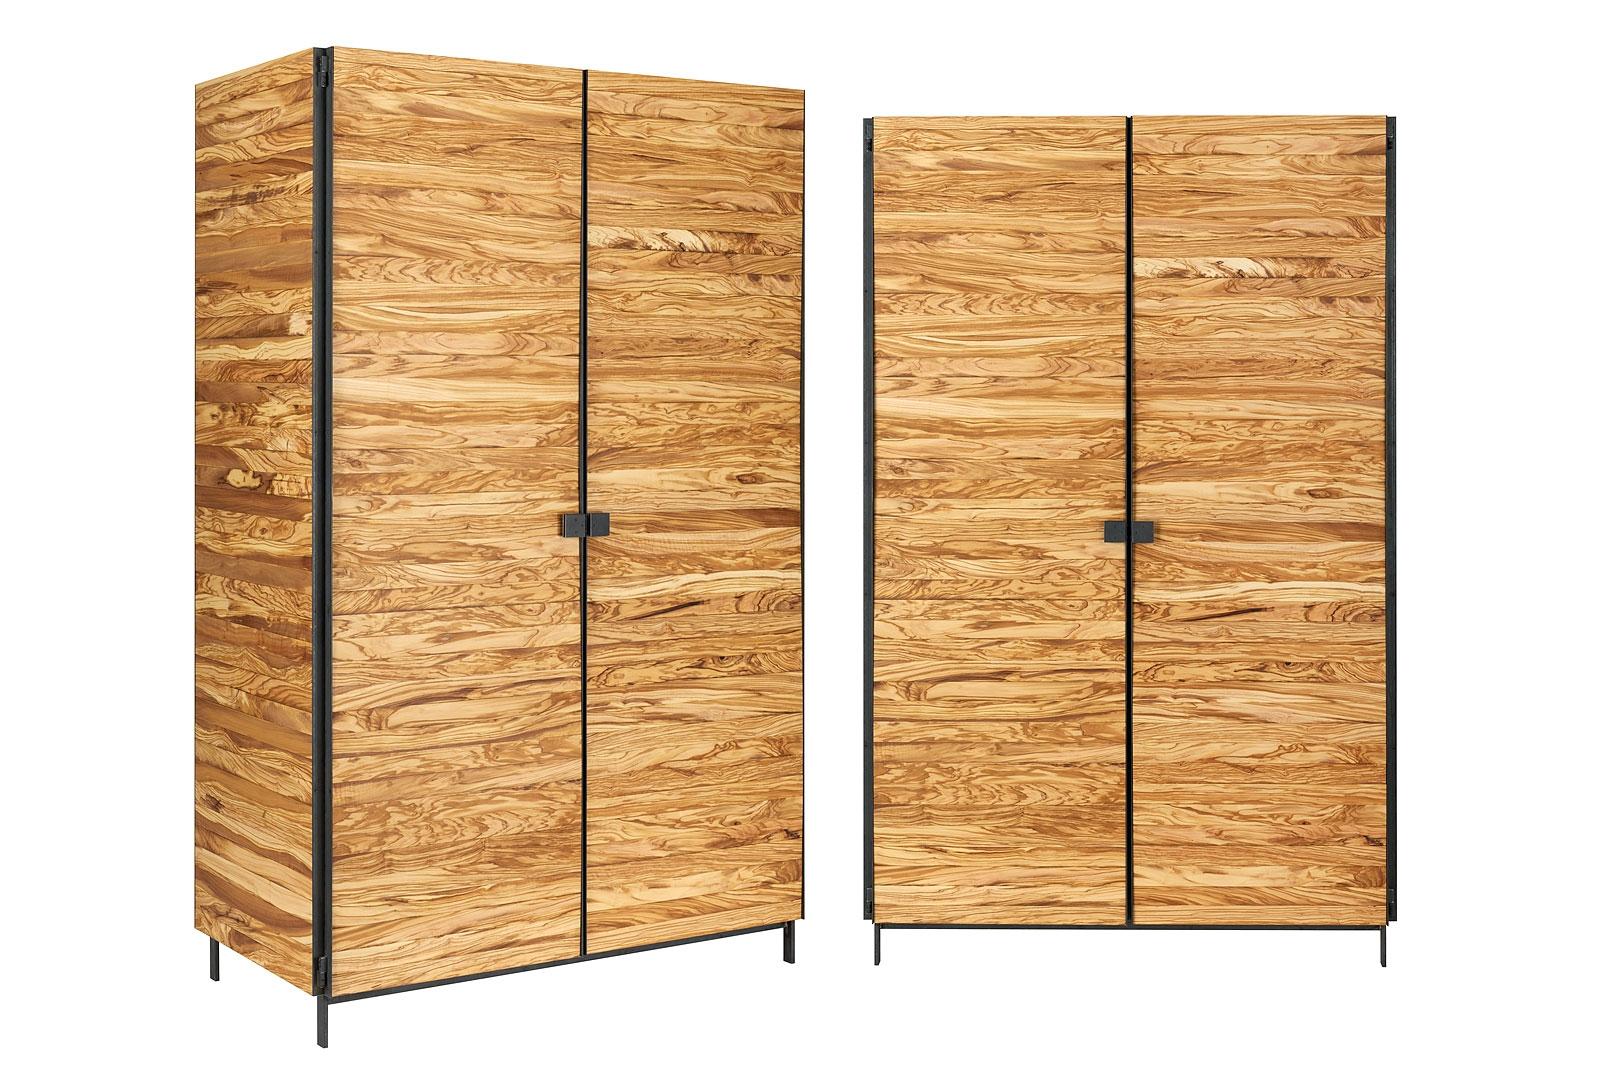 m bel meubles werner h rlimann. Black Bedroom Furniture Sets. Home Design Ideas